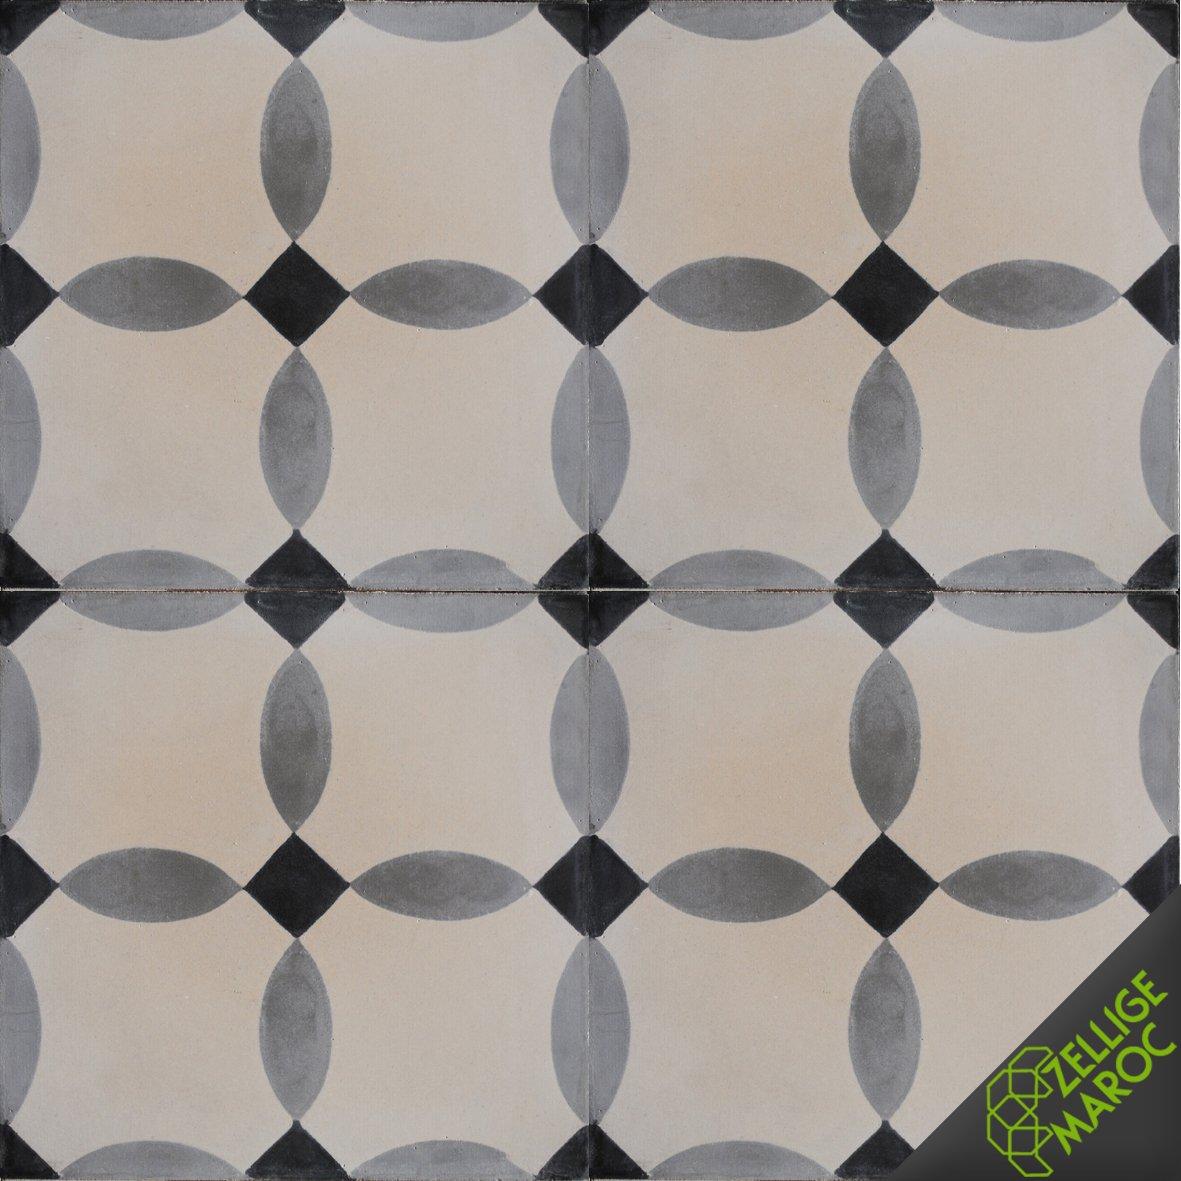 carreaux ciment t113 zellige maroc. Black Bedroom Furniture Sets. Home Design Ideas